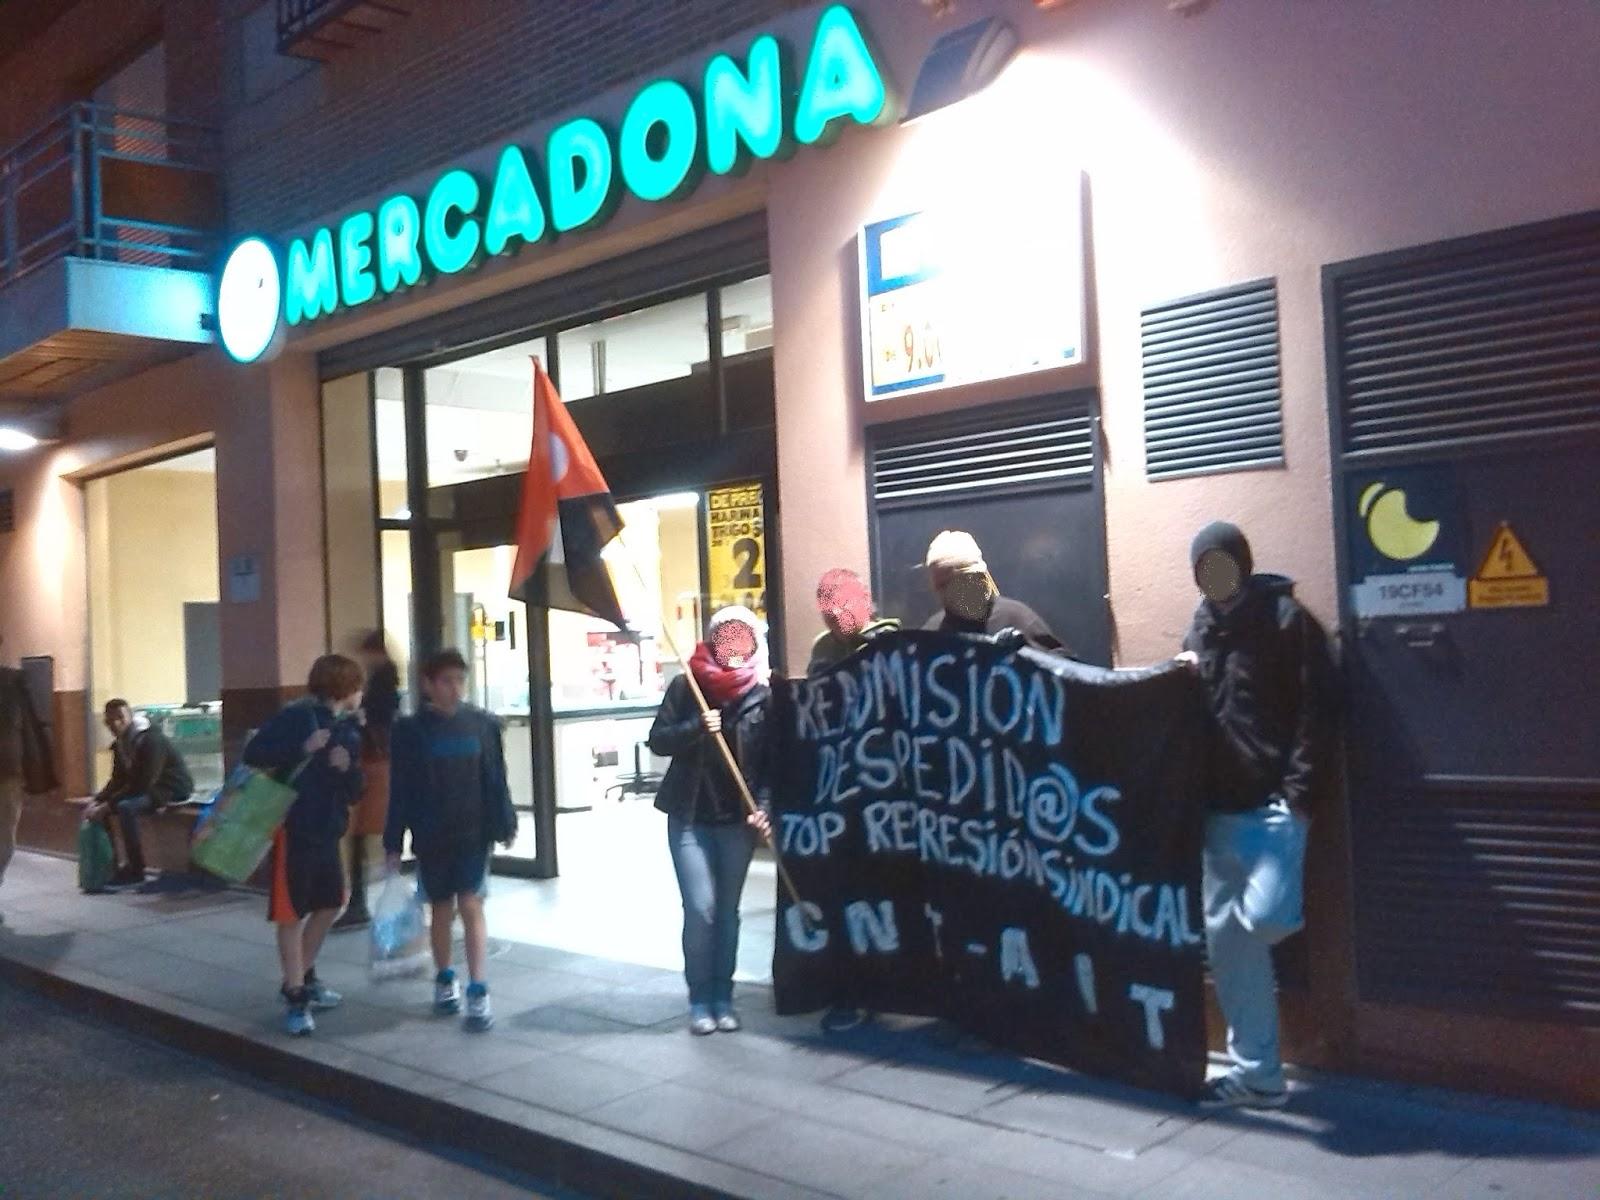 """CNT AIT, Guadalajara, Semana de Lucha contra los despidos en Mercadona,supermercado que la empresa, Semana de Lucha contra los despidos en Mercadona, anarcosindical,Anarquistas https://www.facebook.com/pages/Anarquistas/378066755607147    En la tarde del jueves 20 de febrero, y en el marco de la Semana de Lucha contra los despidos en Mercadona, compañer@s de la CNT-AIT de Guadalajara organizaban un piquete a las puertas del supermercado que la empresa tiene en la calle Capitán Arenas de la ciudad. Se volvía así a una tienda conocida para la anarcosindical local por haber sido lugar de acciones continuadas a razón de conflictos laborales locales o en solidaridad con los de otros sindicatos. Se difundió la información acerca de la mafiosa estrategia patronal de esta empresa """"ejemplar"""" y se apoyó a l@s despedid@s en la última oleada exigiendo su readmisión.    http://elmilicianocnt-aitchiclana.blogspot.com.es/2014/02/cnt-ait-guadalajara-semana-de-lucha.html"""